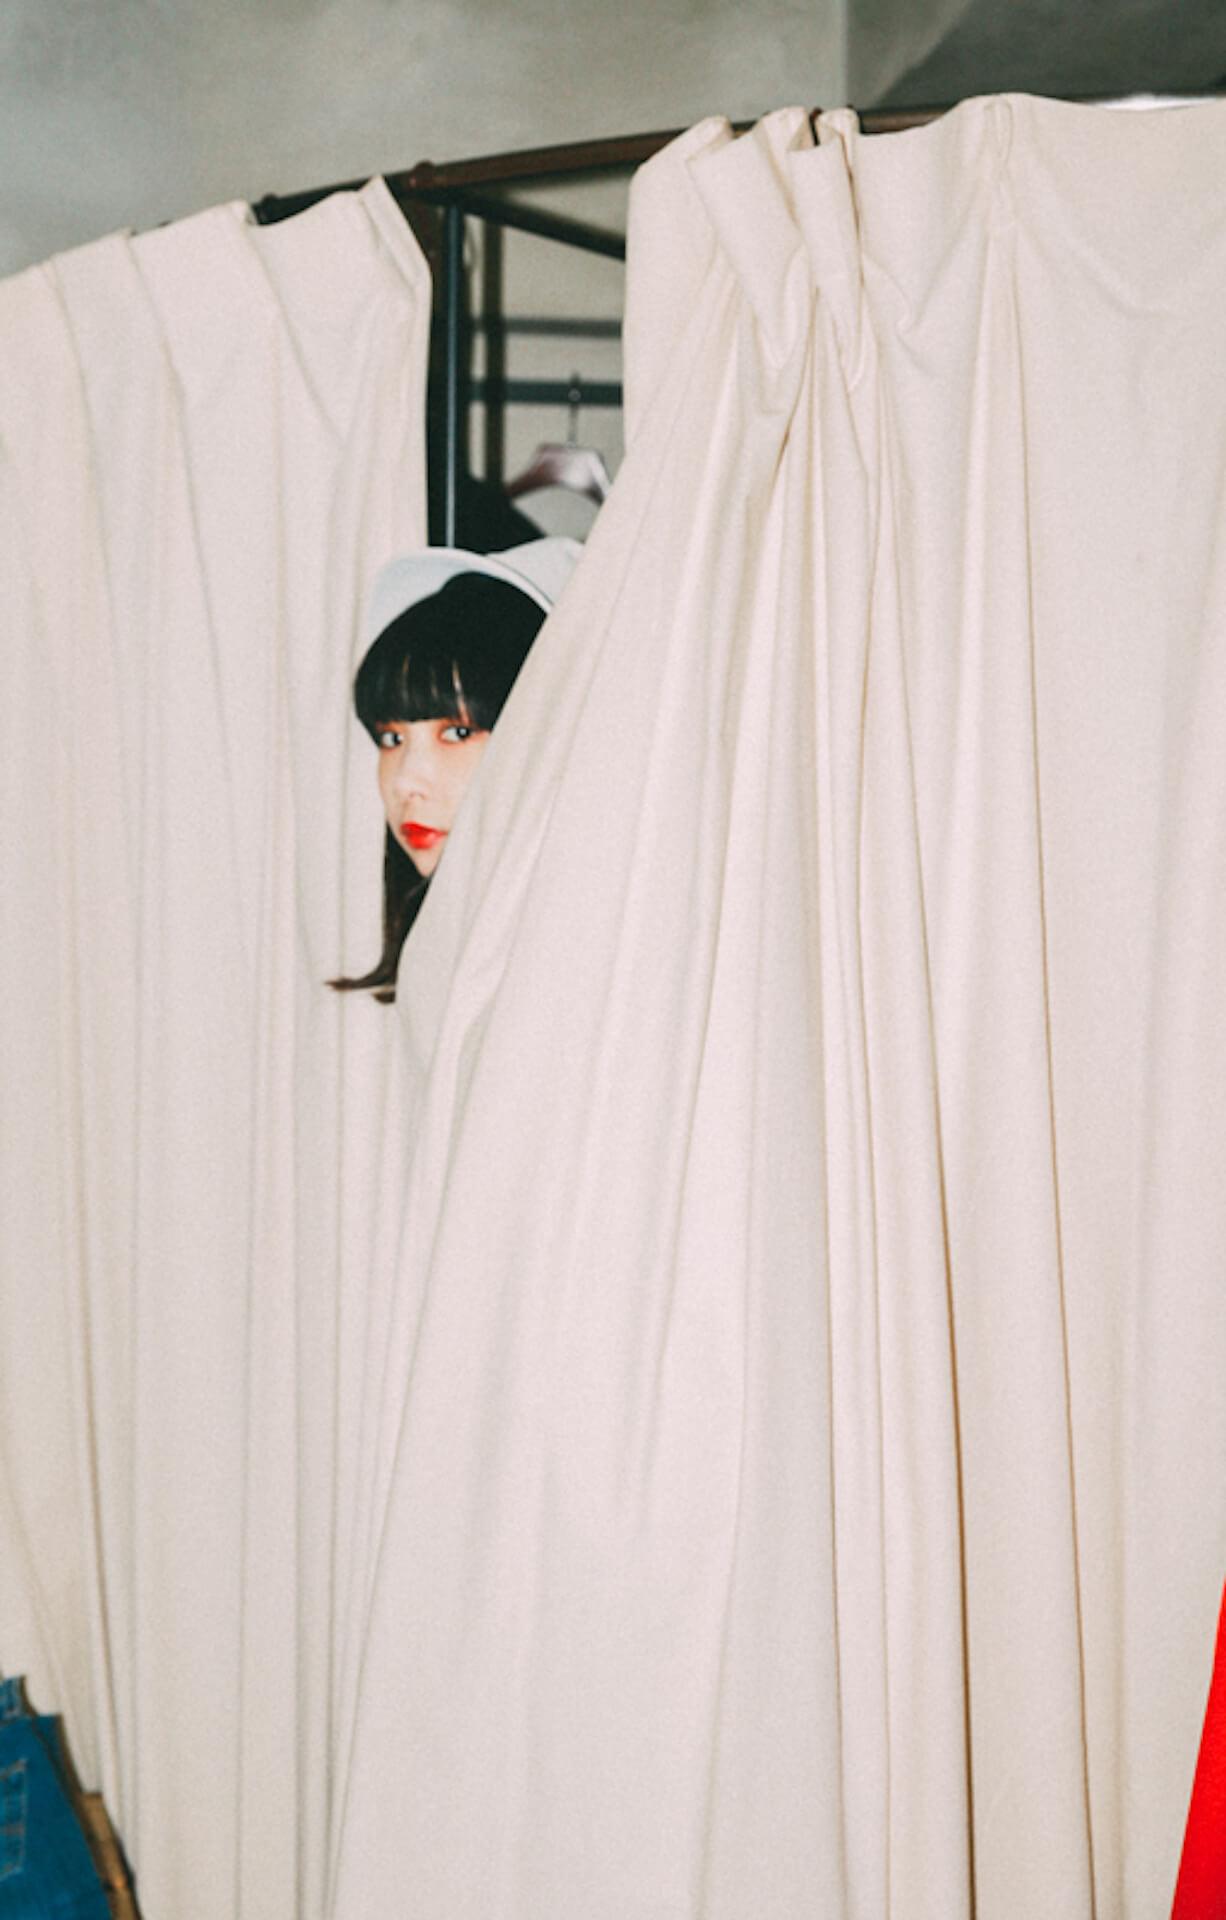 コウキシン女子の初体験vol.13老月ミカ:O 代官山 / NEW NEW YORK CLUB pickup190228_koukishinjyoshi_8